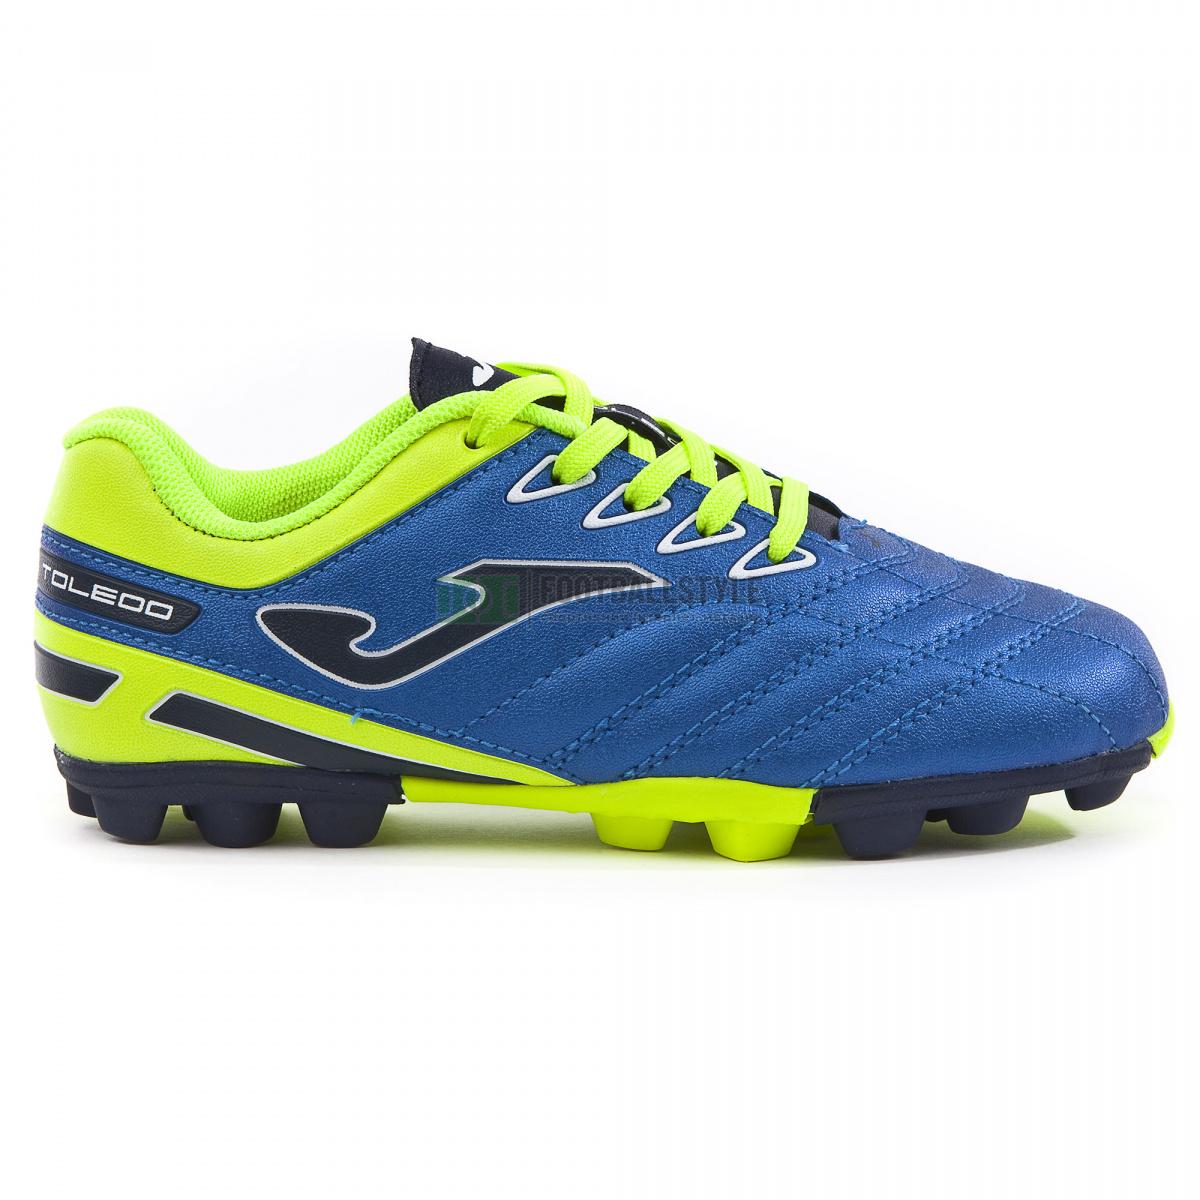 446b6961cdf5 Детская футбольная обувь - Купить детскую обувь для футбола в Киеве